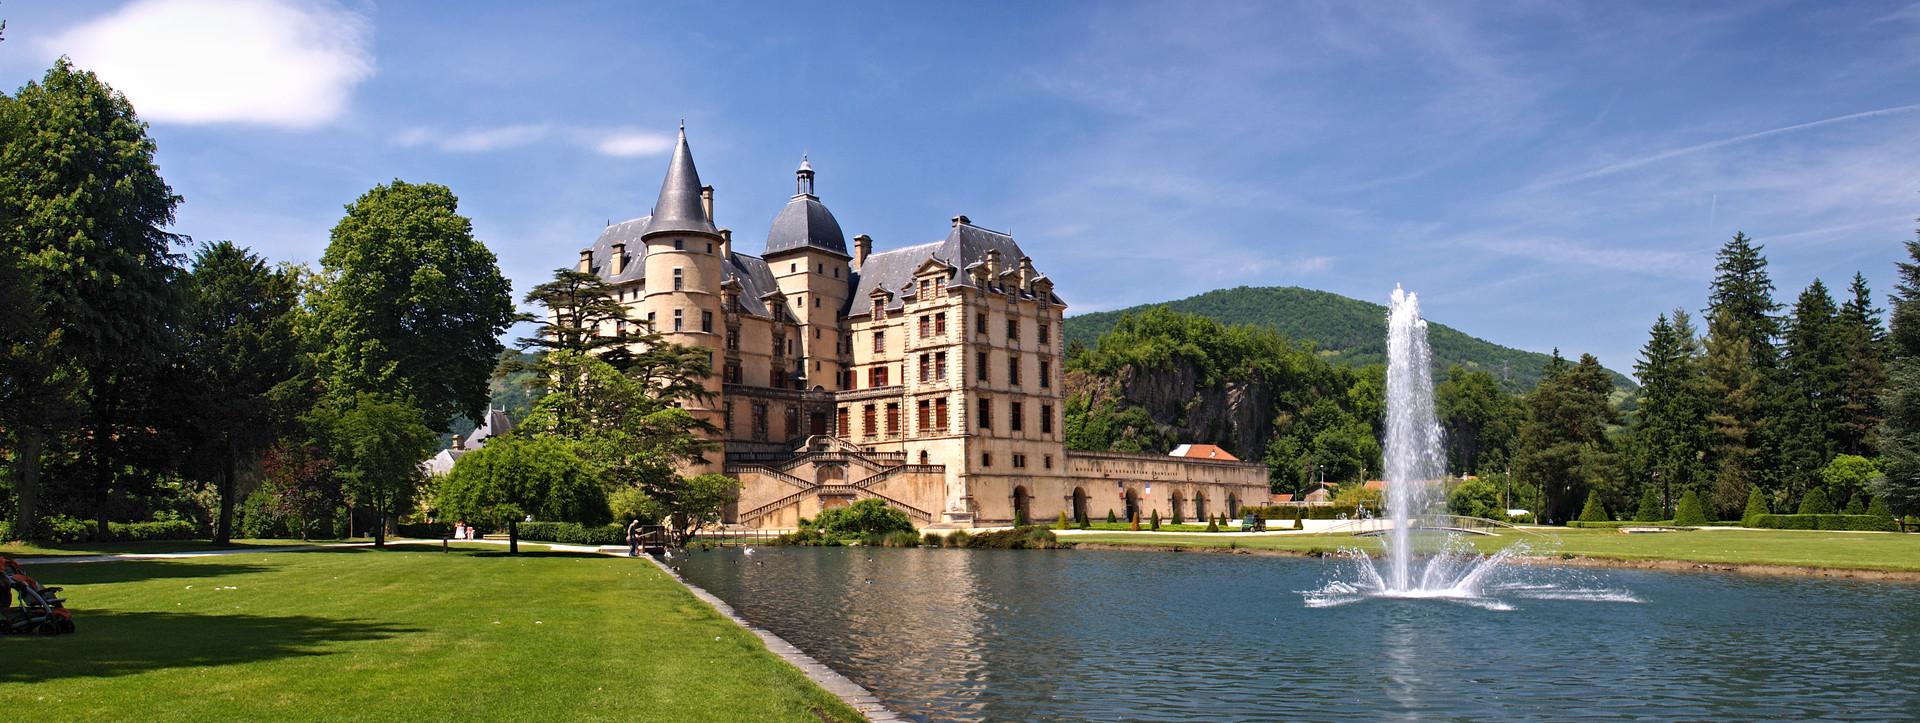 Experiência Erasmus em Grenoble, França por Ivan